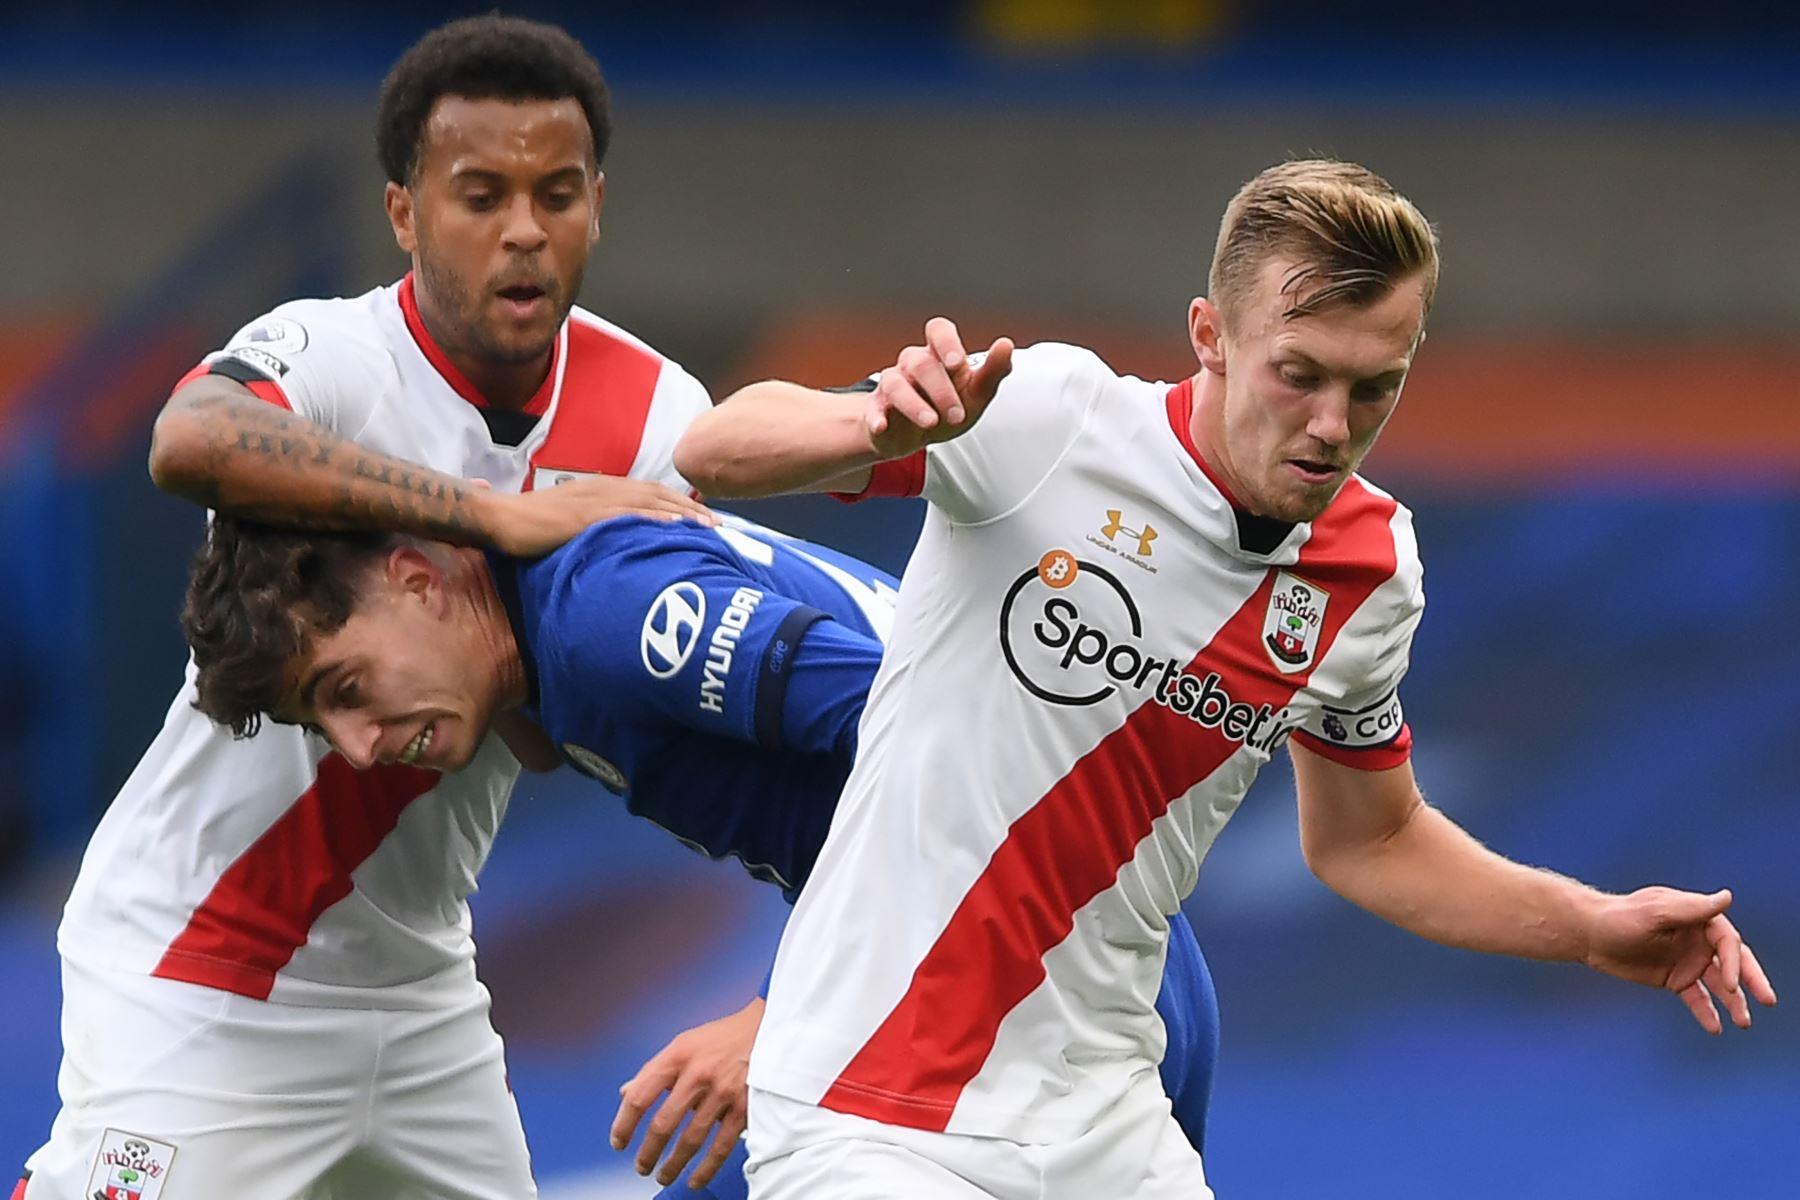 El mediocampista alemán de Chelsea, Kai Havertz, se enfrenta a sus rivales de Southampton, Ryan Bertrand y el mediocampista inglés, James Ward-Prowse, durante el partido de fútbol de la Premier League en Stamford Bridge, Londres. Foto: AFP